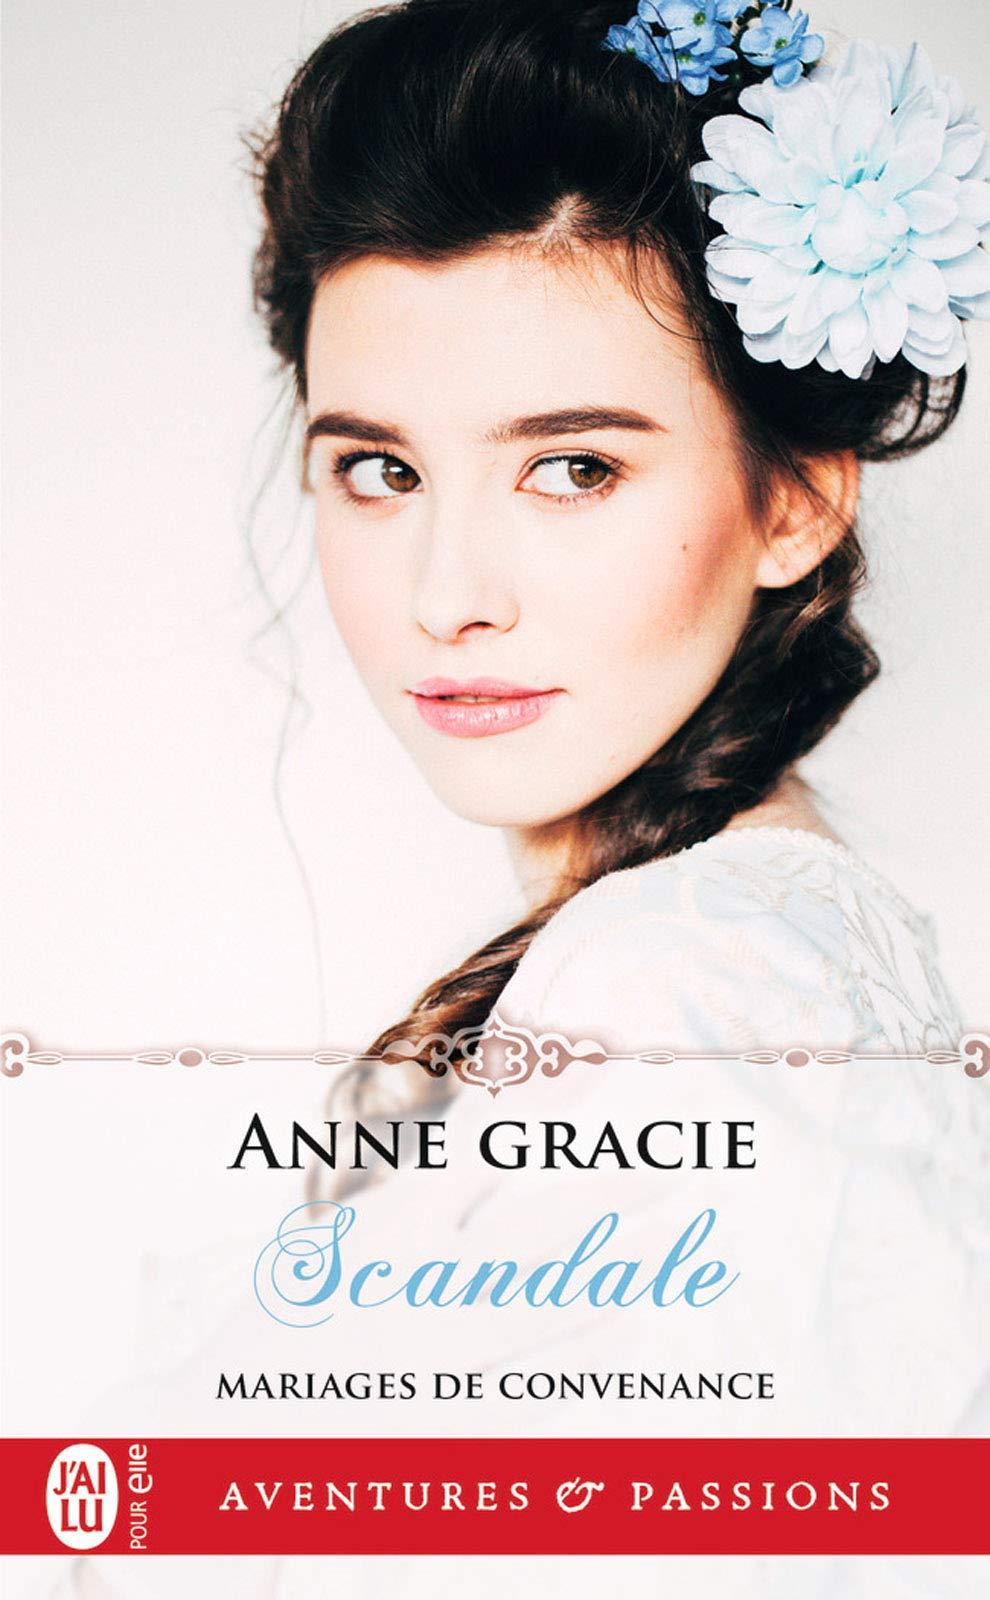 Mariages de convenance (tome 2) - Scandale por Anne Gracie